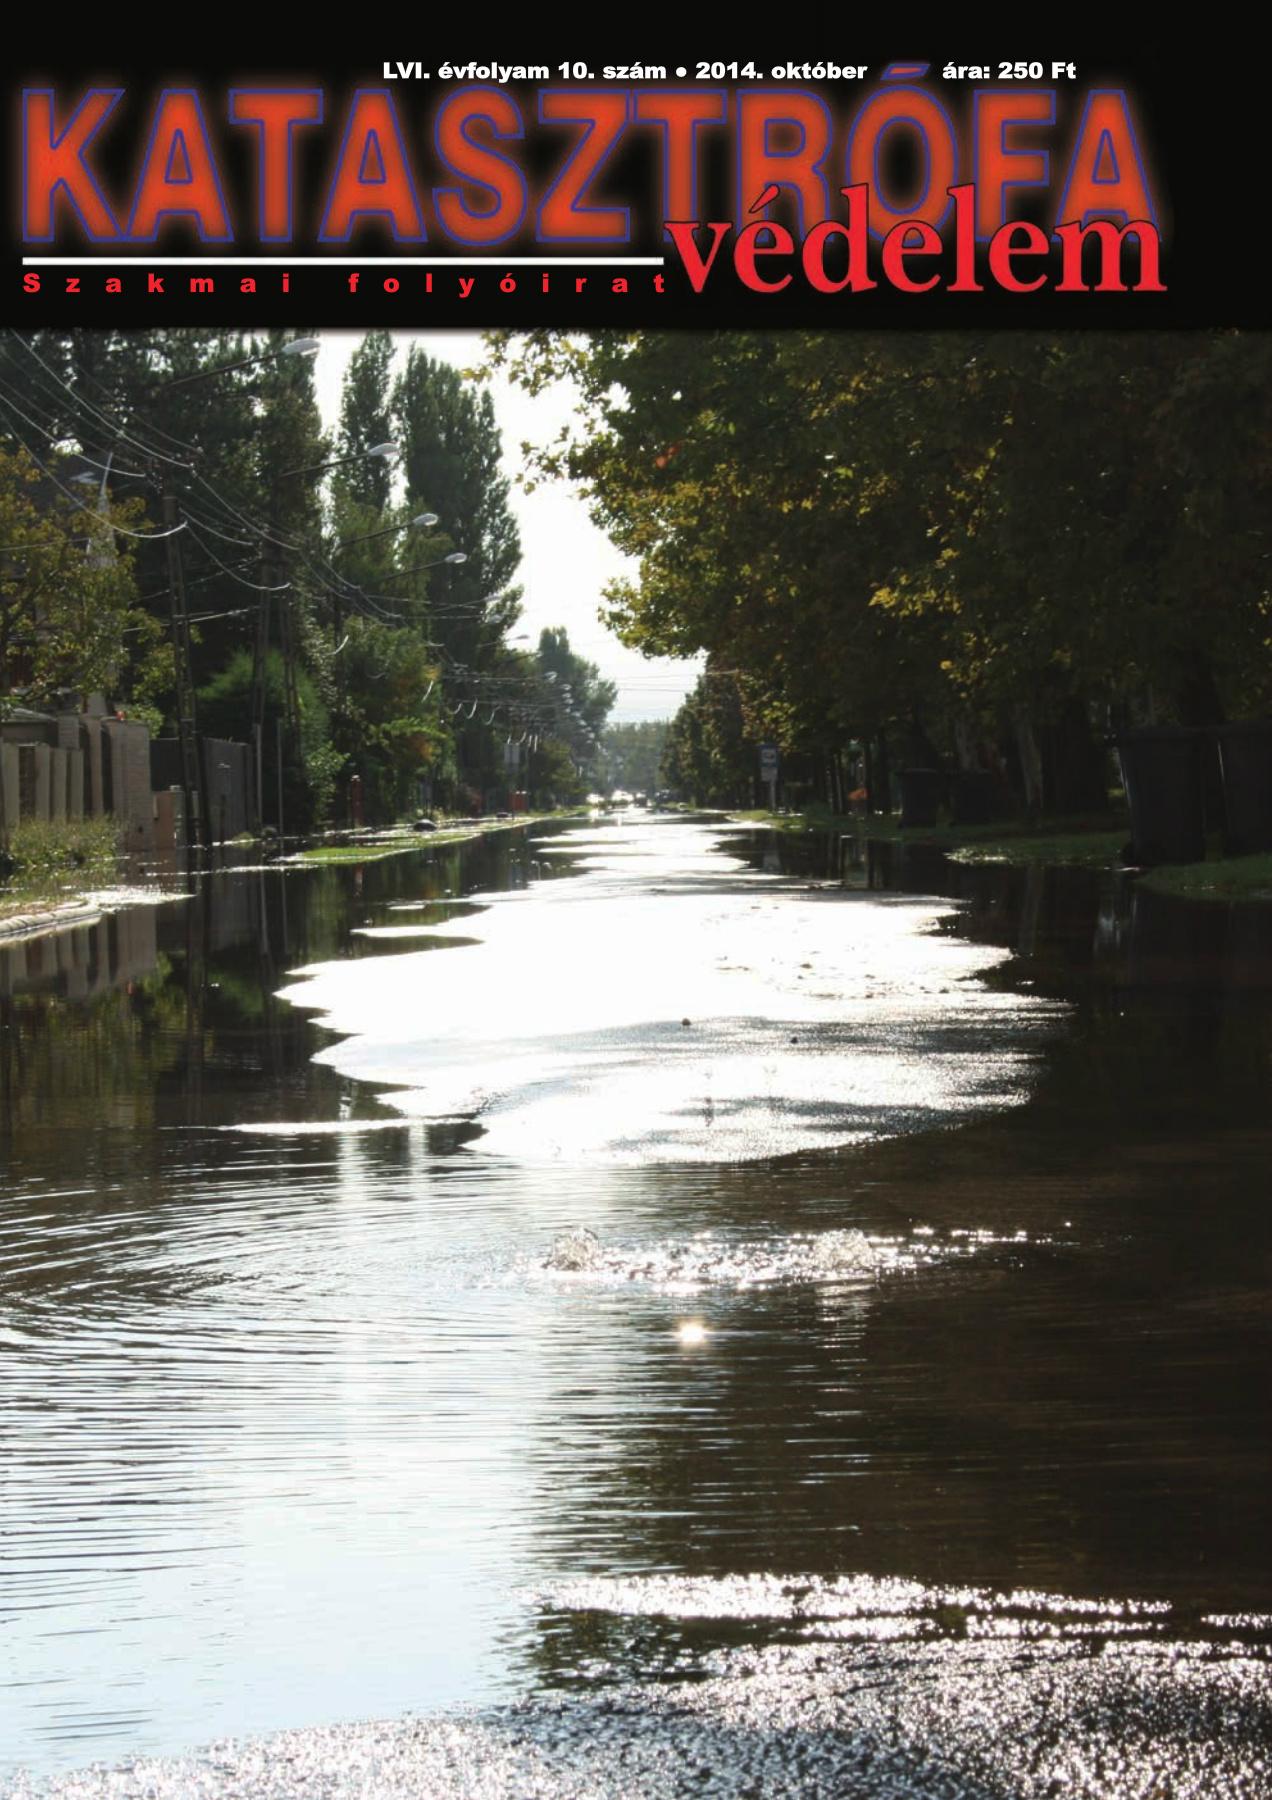 A Katasztrófavédelem magazin LVI. évfolyam 10. szám megtekintése